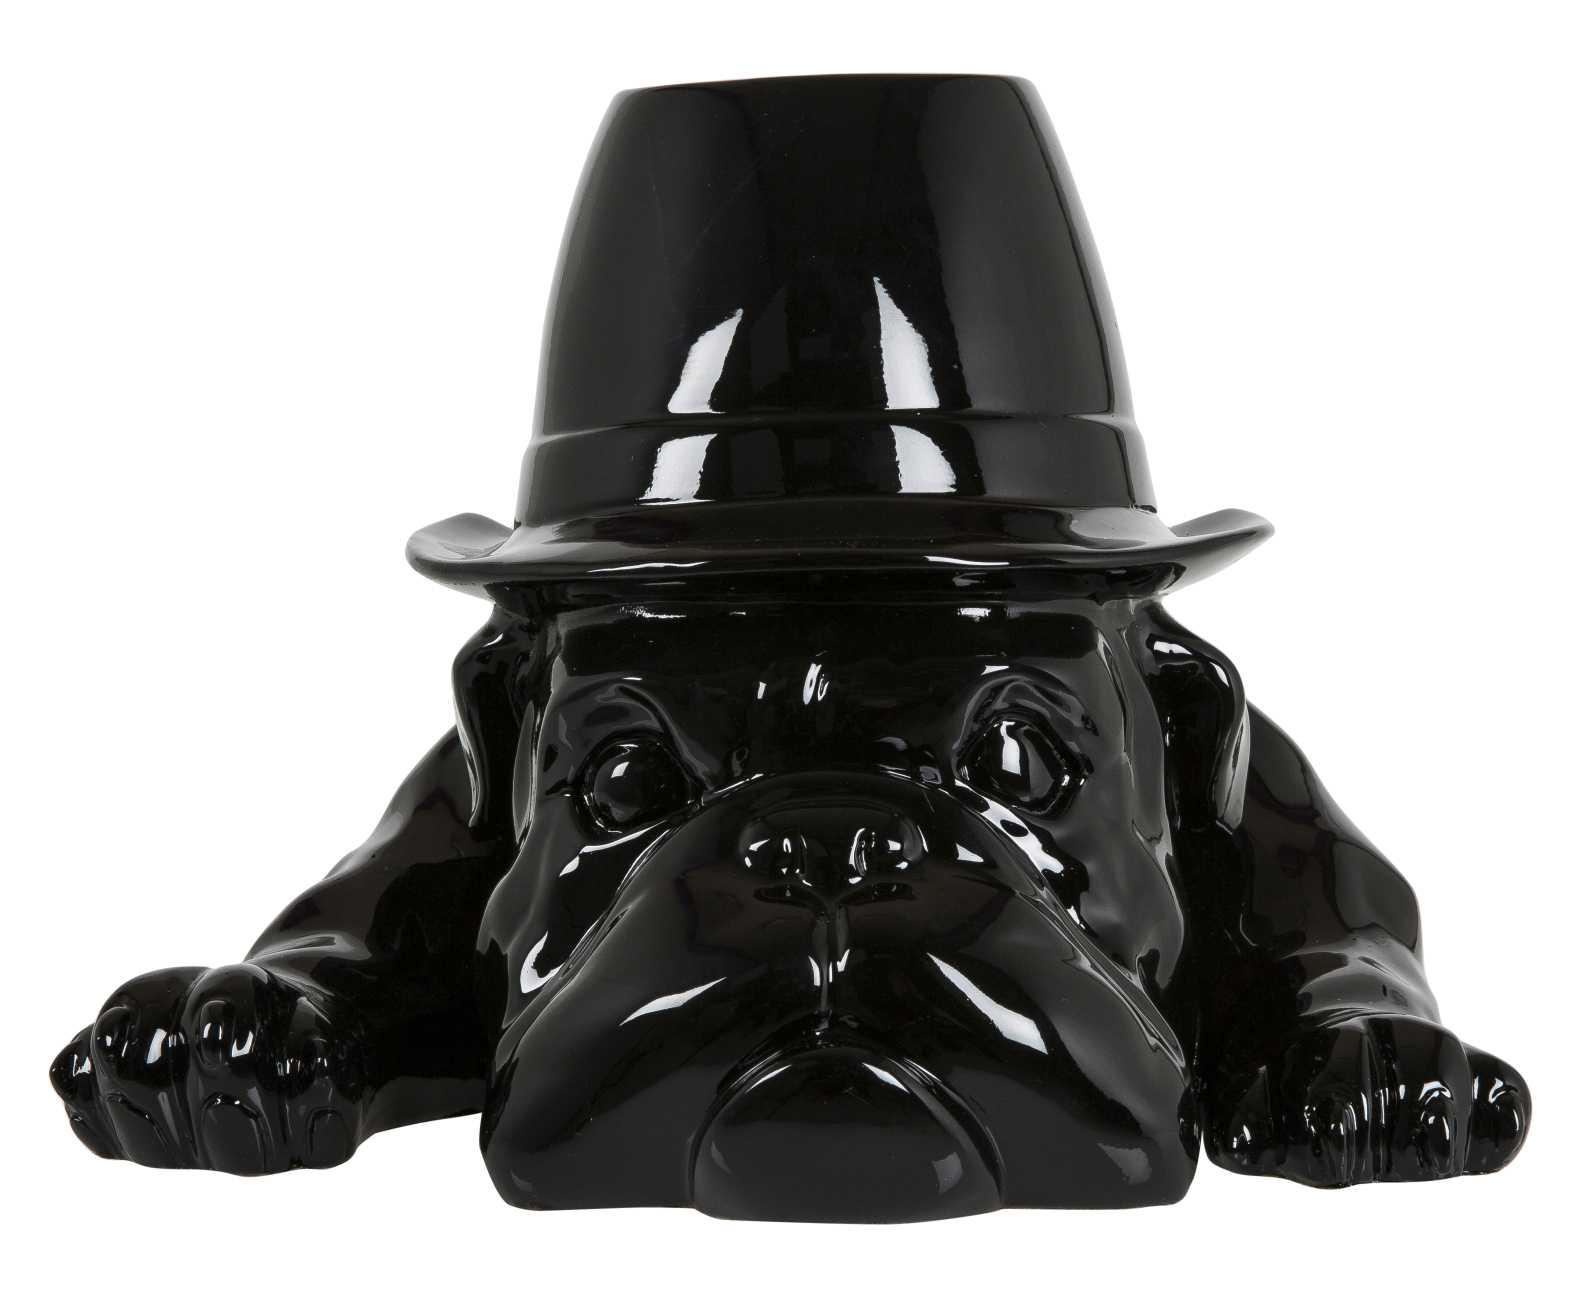 Billede af Crazy Zoo skulptur - Sort bulldog